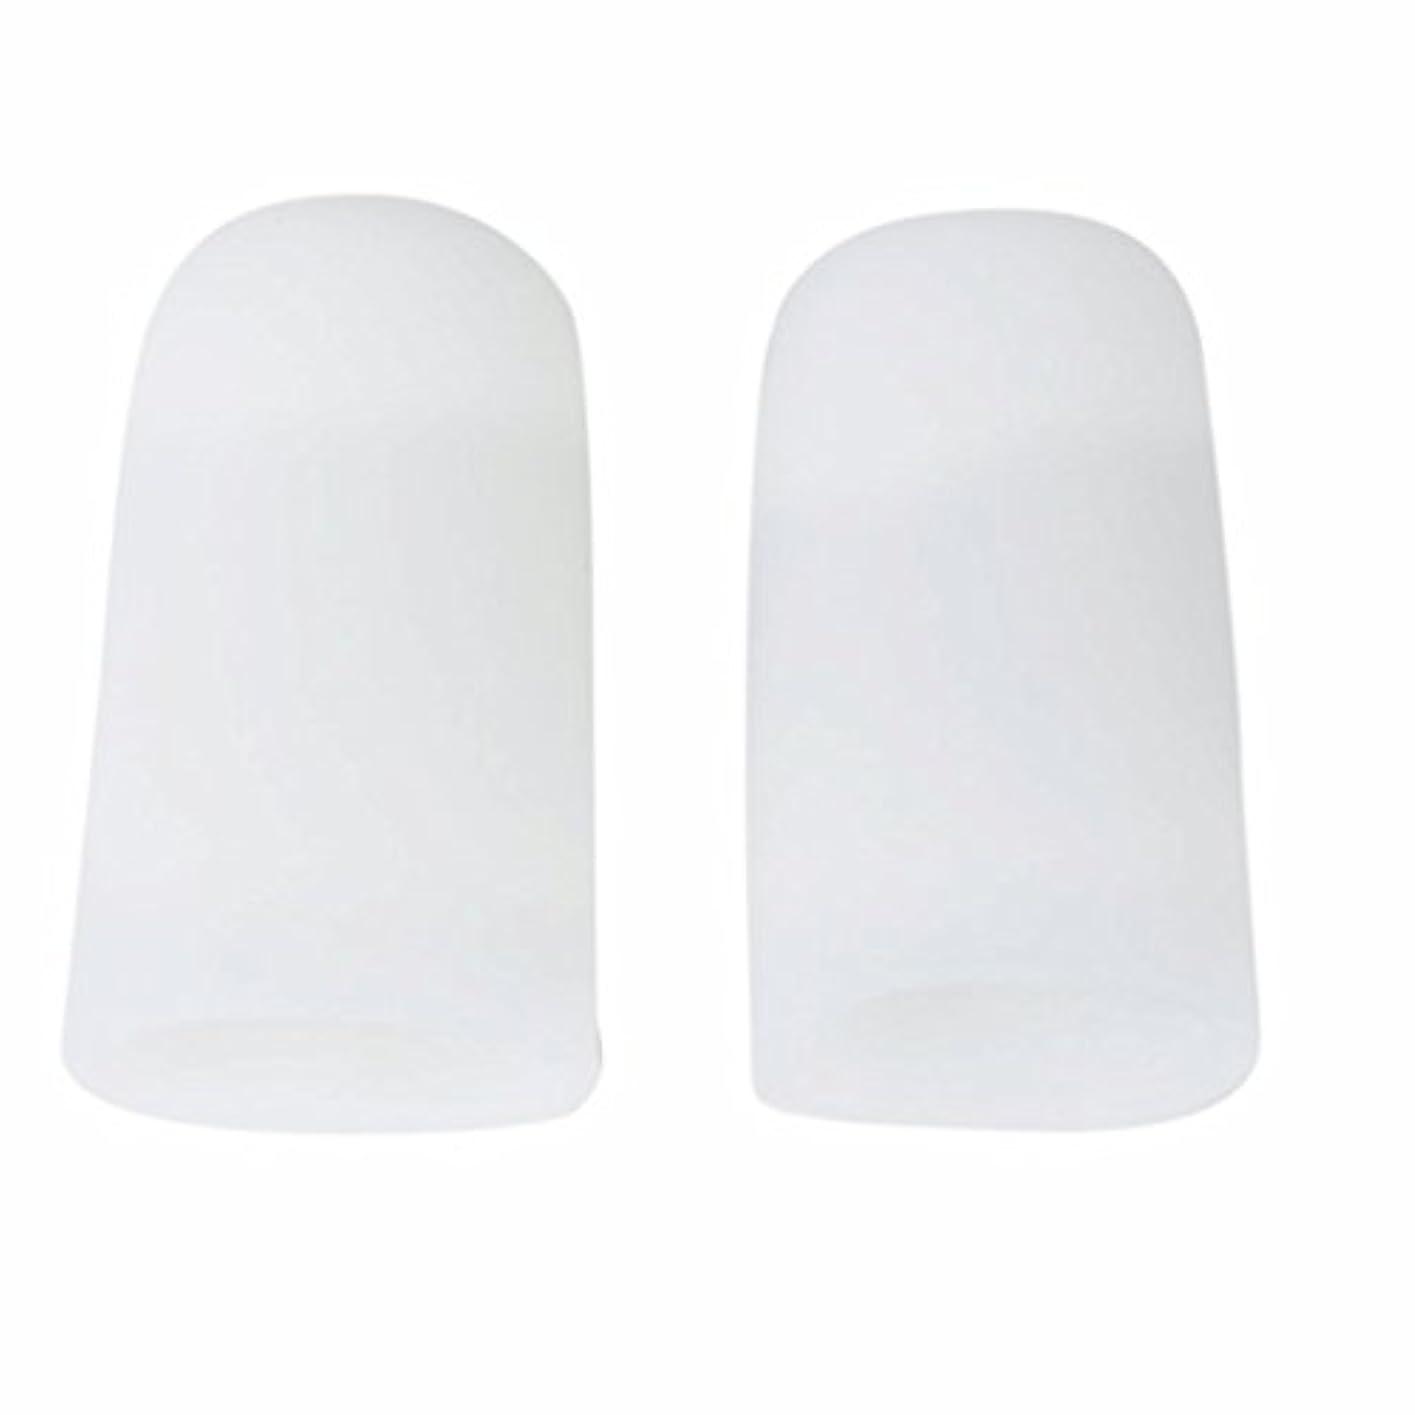 拡声器折る待つAMAA 足指 保護キャップ つま先 プロテクター 足先のつめ 保護キャップ シリコン S M Lサイズ 1ペア (M)